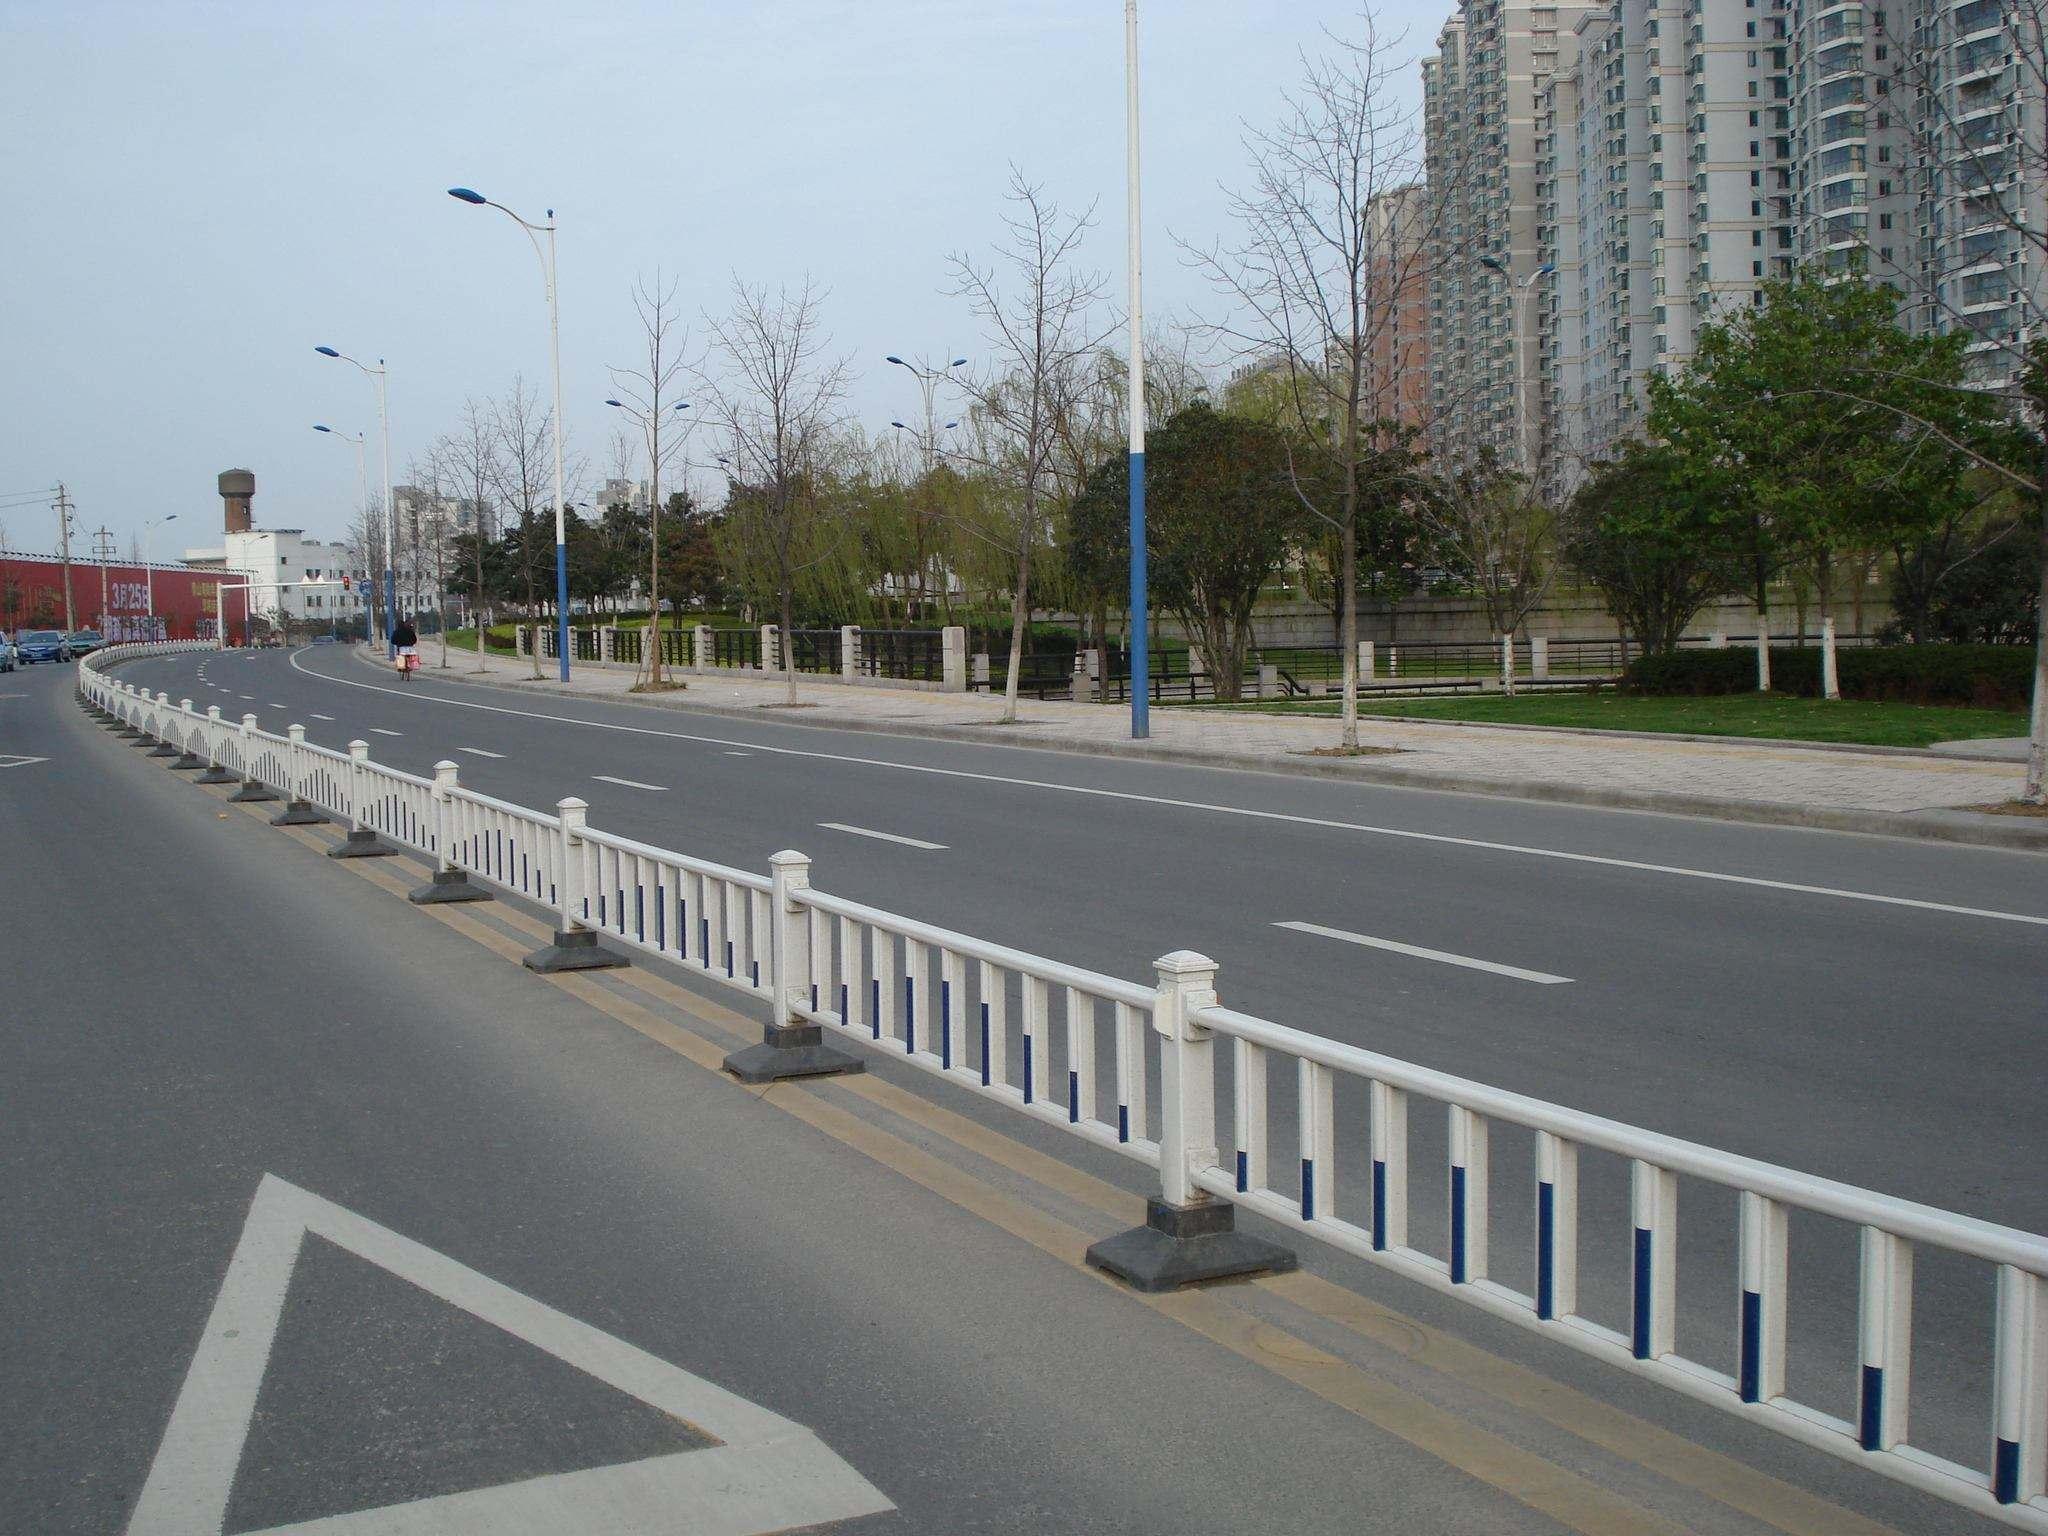 甘肃铁路护栏网生产厂家电话,草坪护栏网厂家_兰州... _邯郸之窗